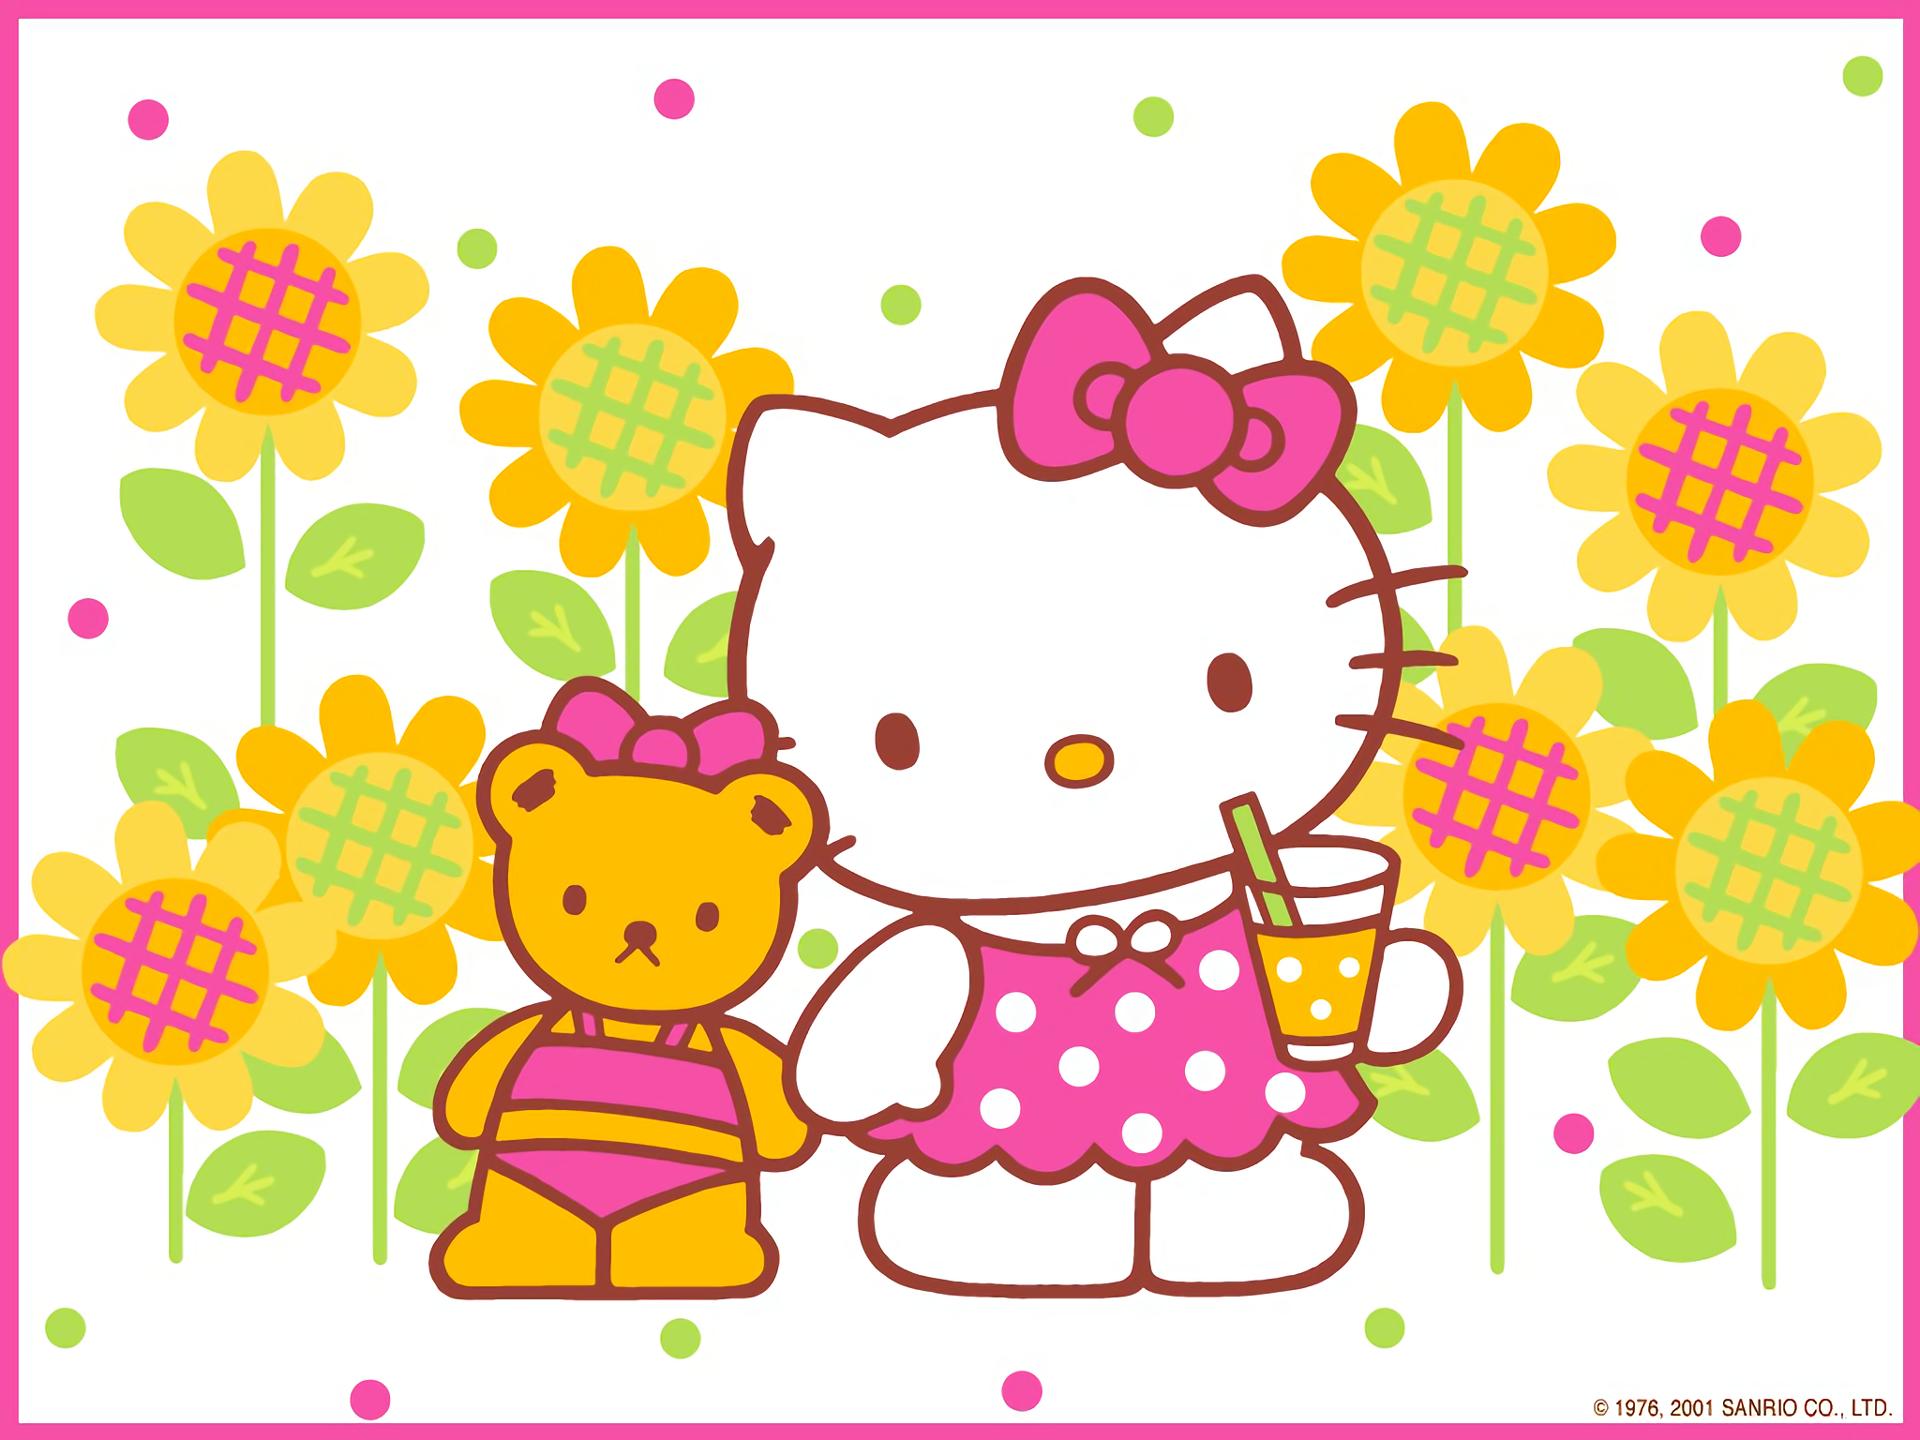 Flower Hello Kitty Teddy Bear 1920x1440